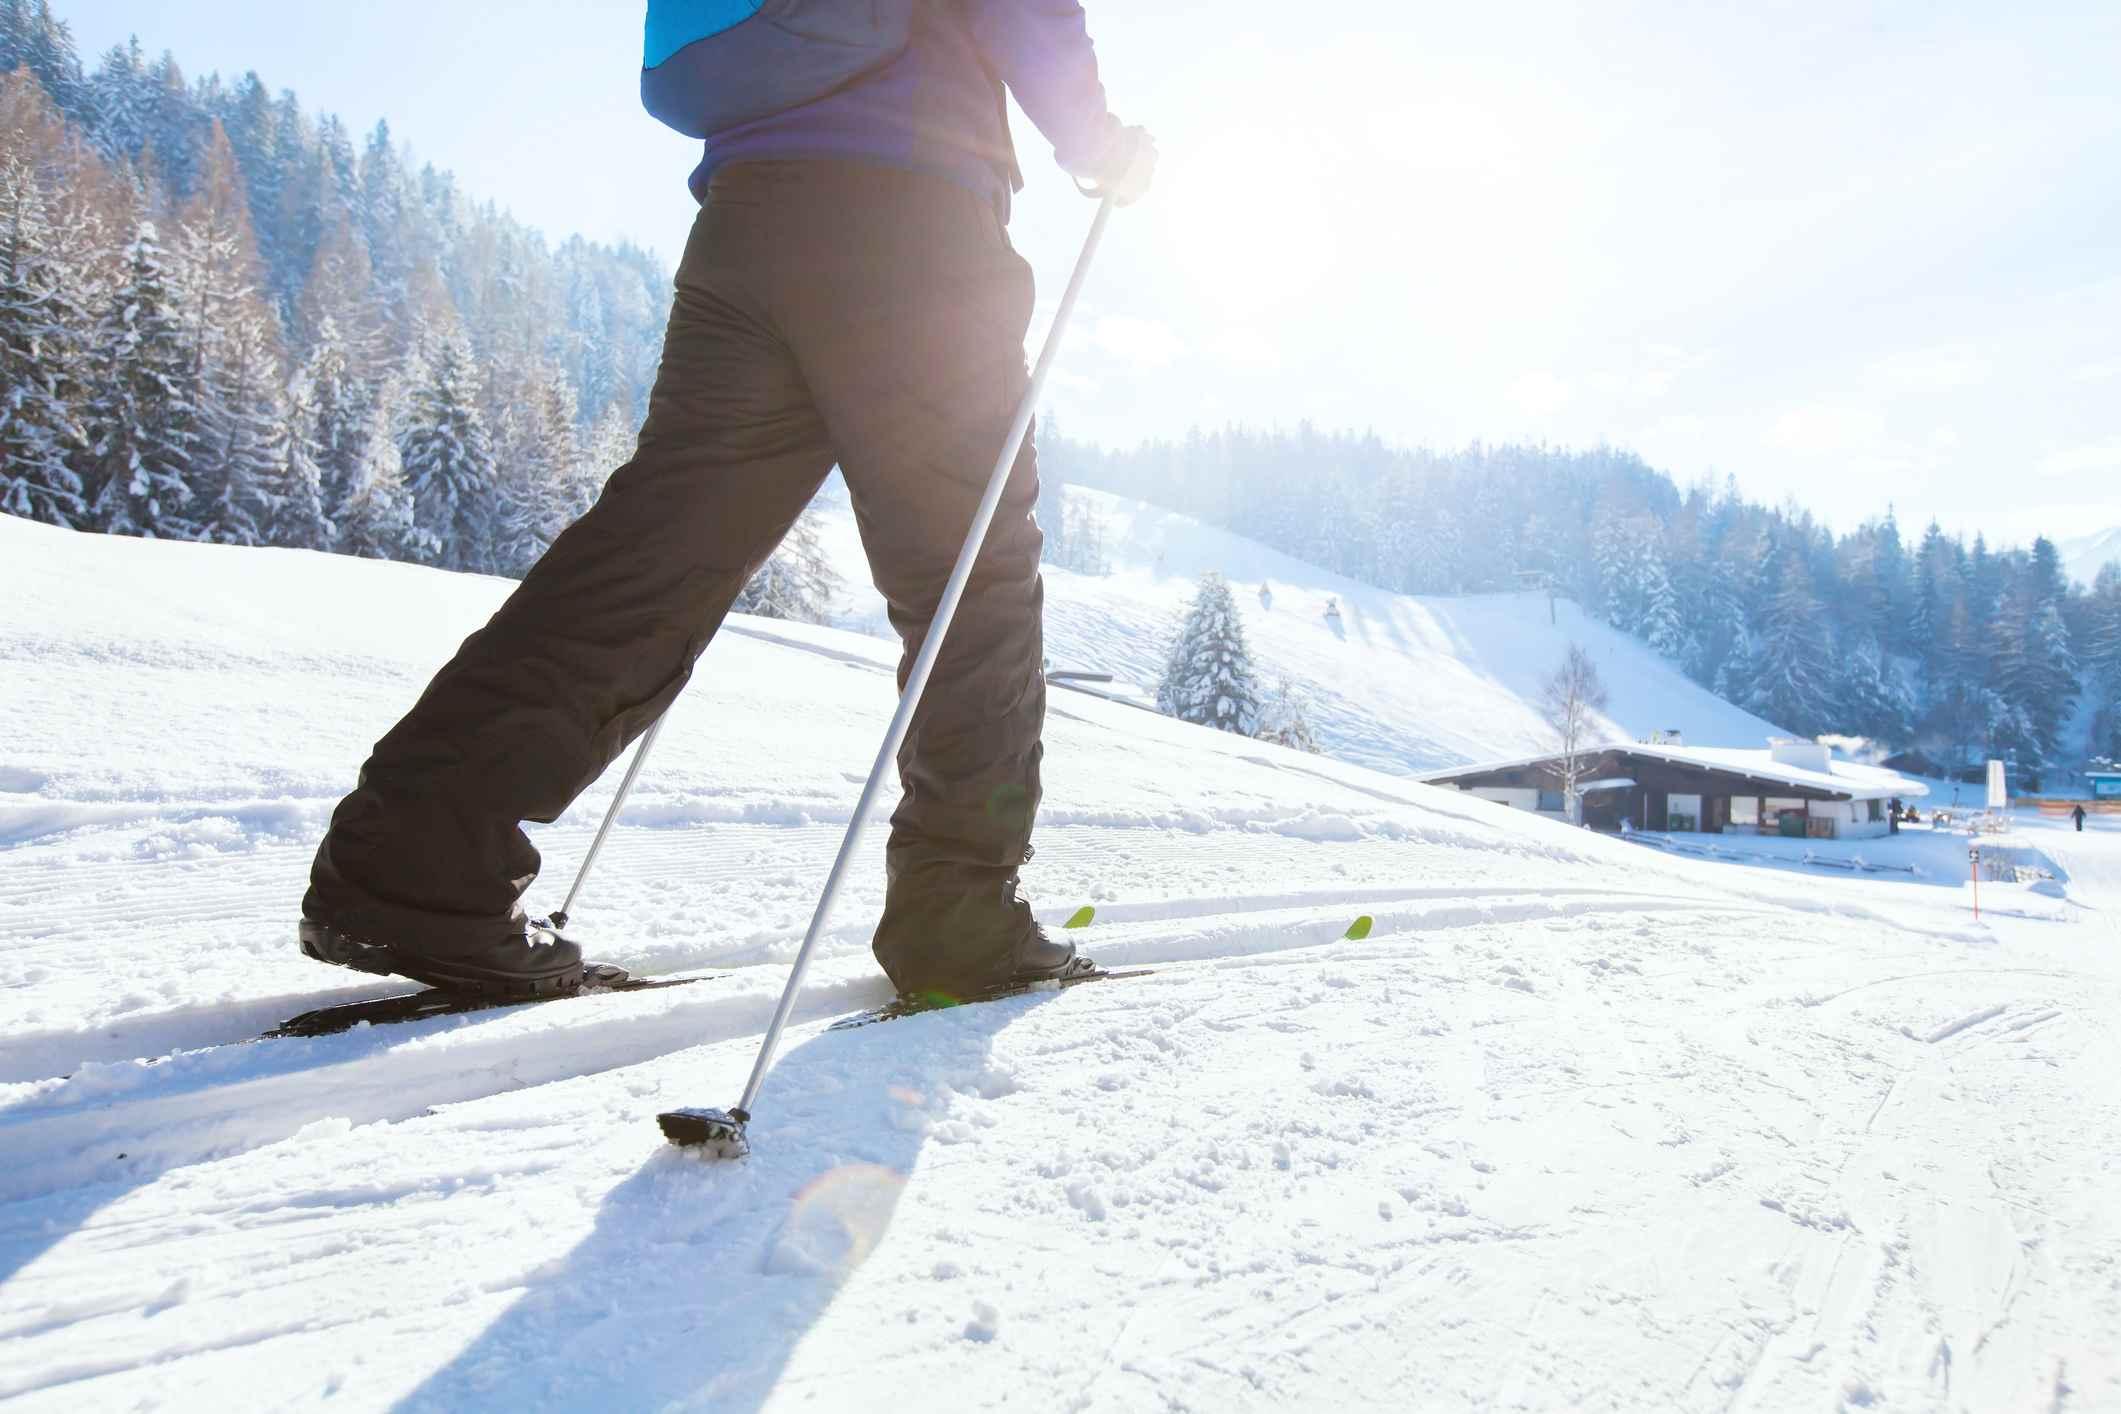 Esquí nórdico, vacaciones de invierno en los Alpes